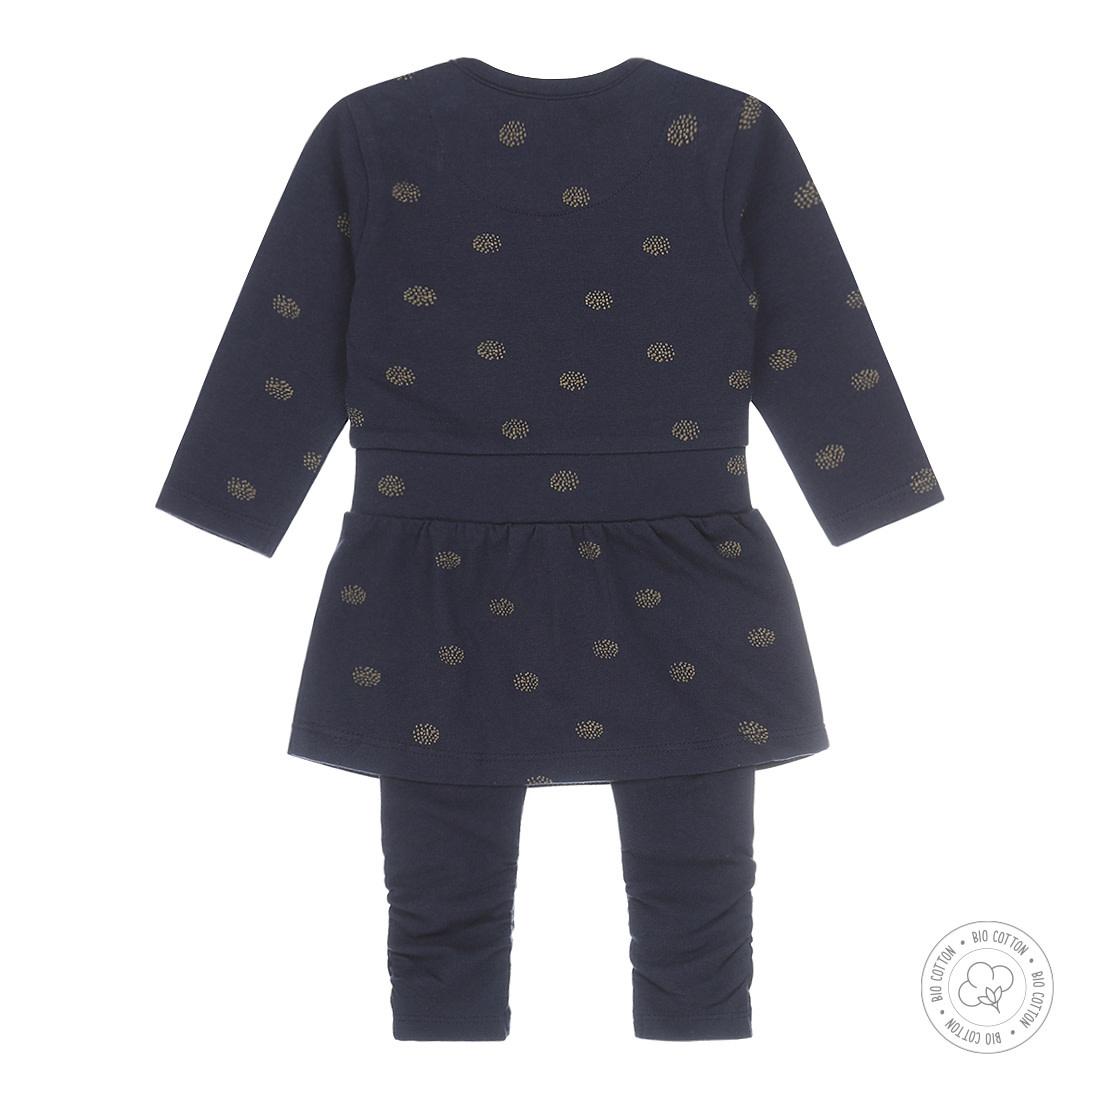 Organic Cotton Navy Dress & Legging Set